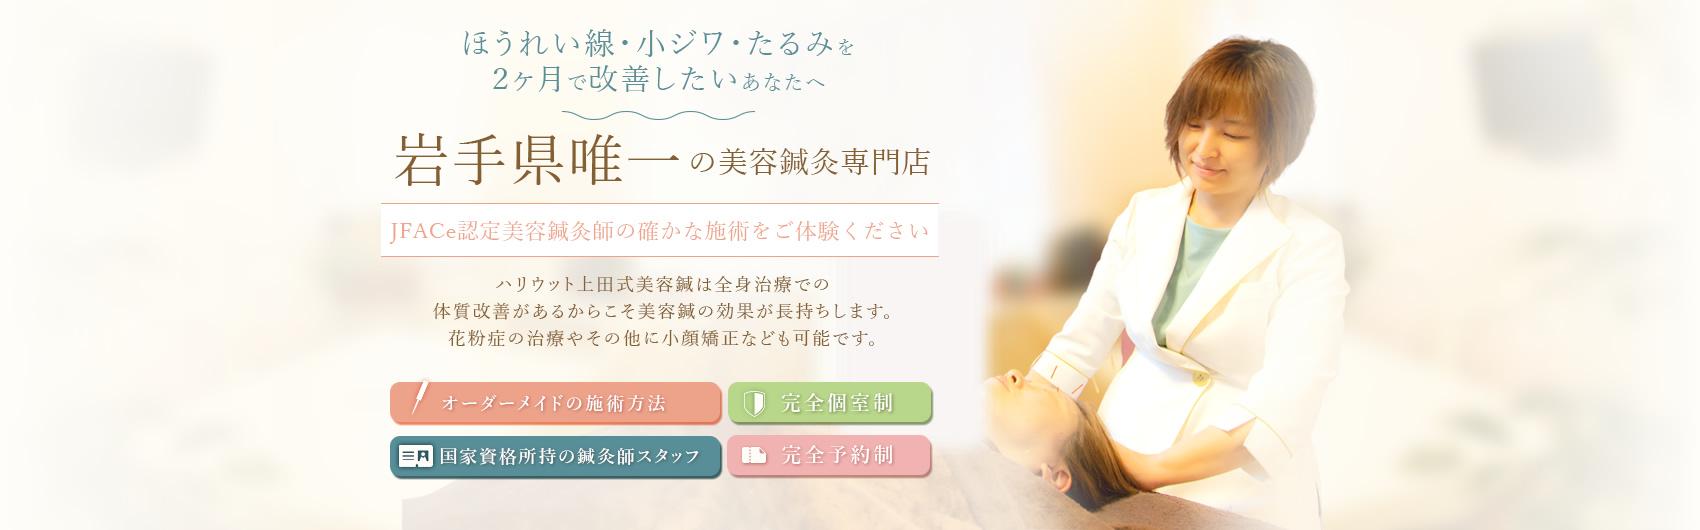 ほうれい線、小ジワ、たるみを2ヶ月で改善したいあなたへ 岩手県唯一の美容鍼灸専門店